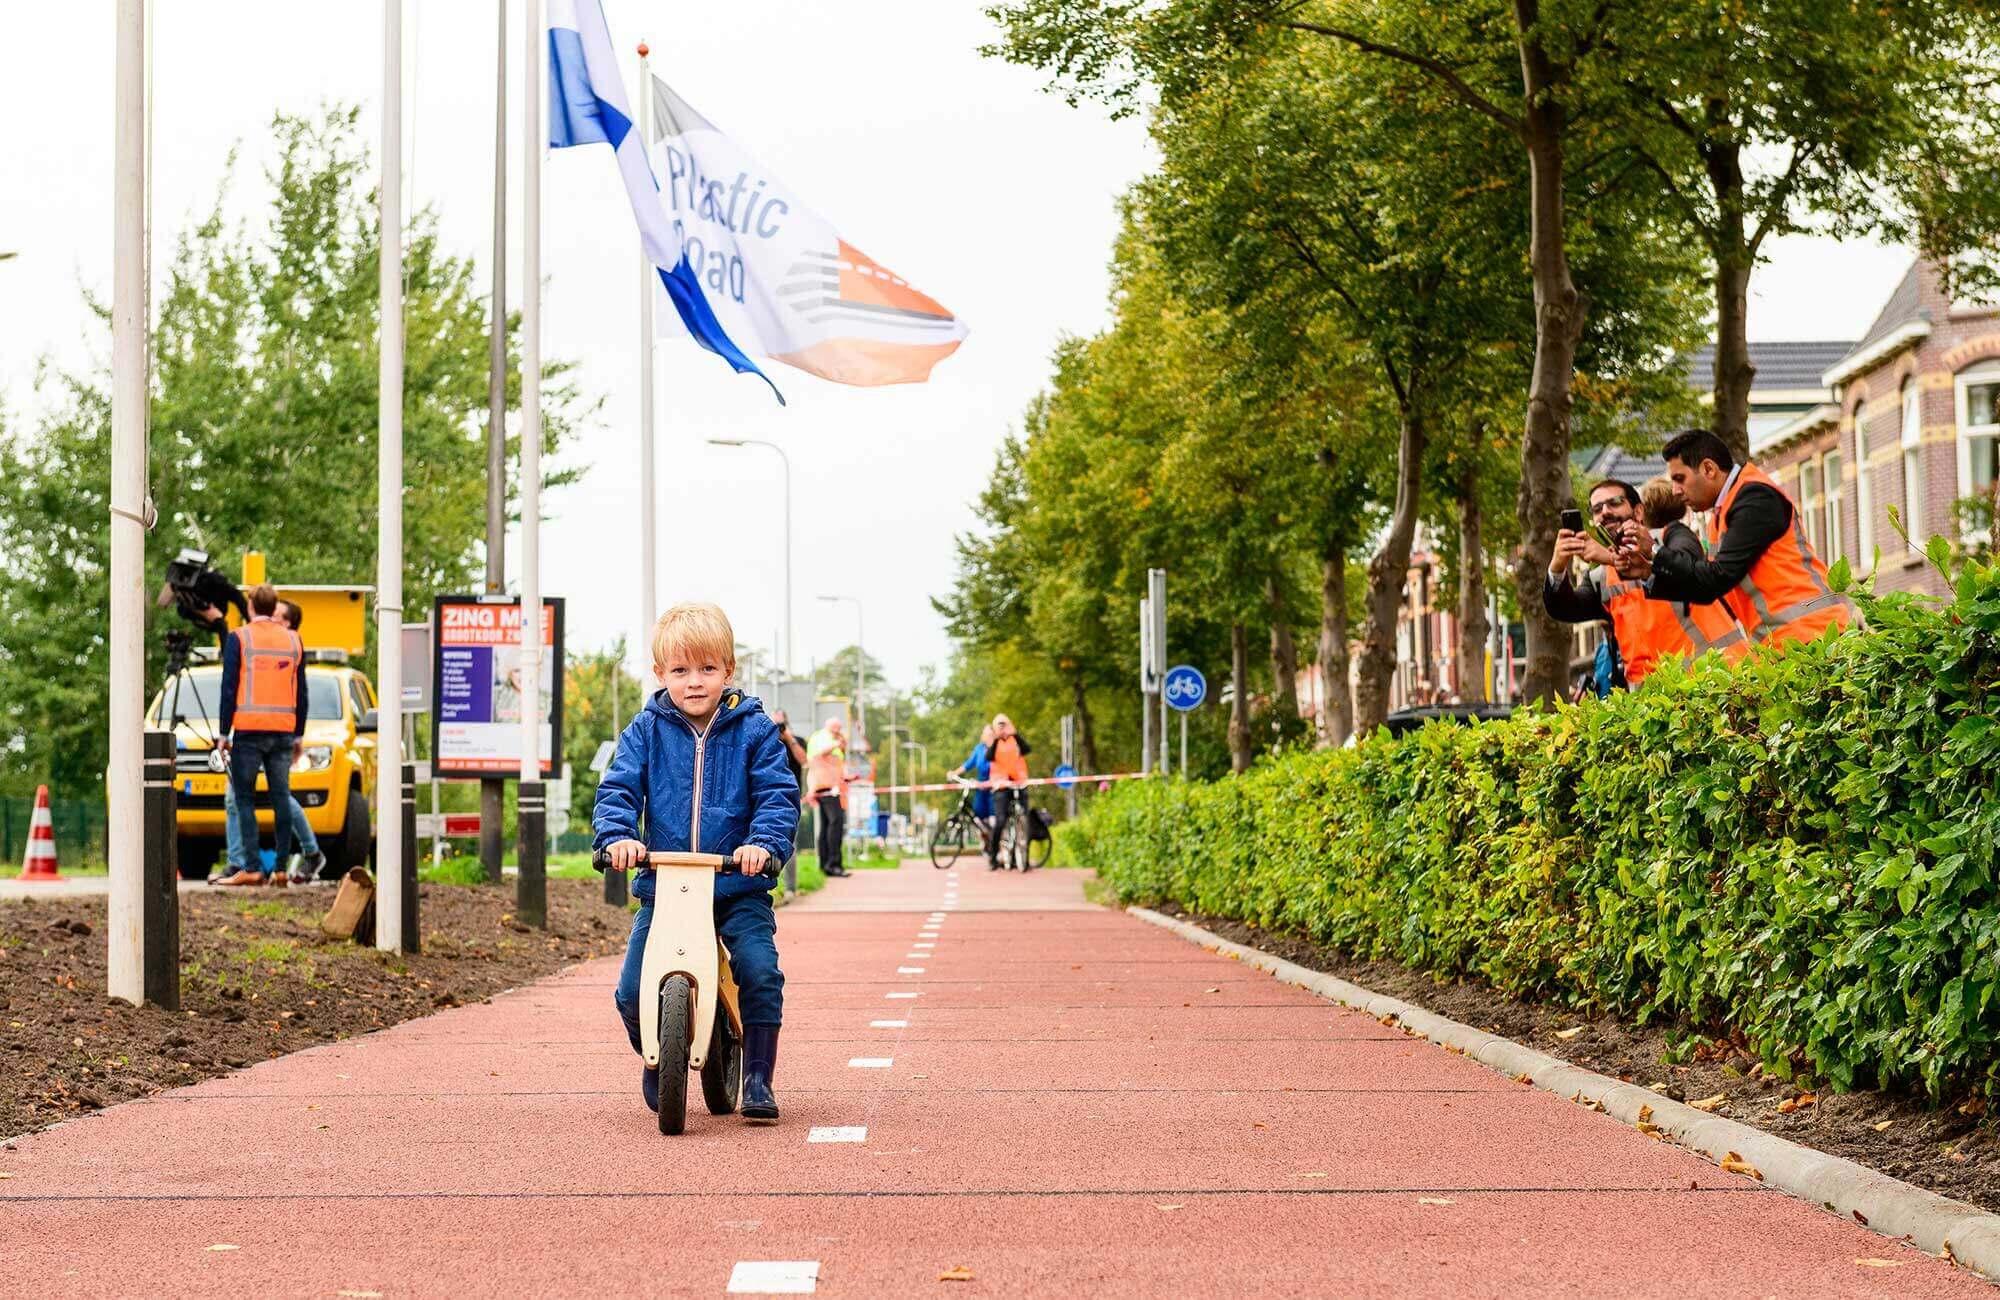 PlasticRoad hat bereits den niederländischen Water Innovation Award, einen Infratech Innovation Award und den Cobouw Award für das Produkt des Jahres erhalten. Mit freundlicher Genehmigung von PlasticRoad.